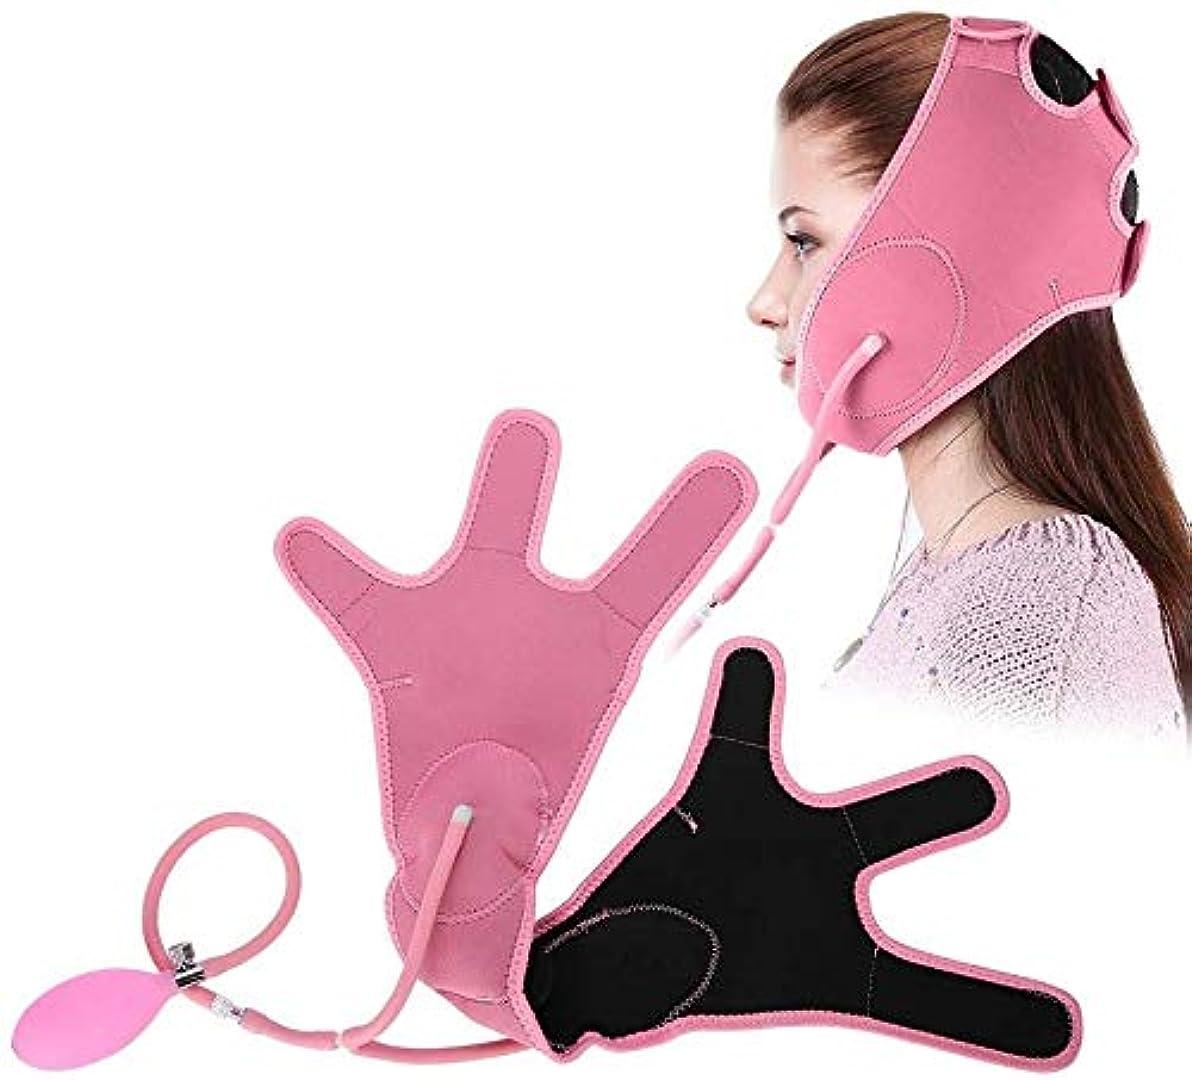 アリーナシンジケート薄いですHEMFV フェイススリミングマスク、ベルトを持ち上げるインフレータブル顔、エアバッグ?フェイシャル包帯ナチュラルVフェイスチークチンは、タイトなバンドを持ち上げ、フェイスリフトシェイパービューティーケアツールマスク